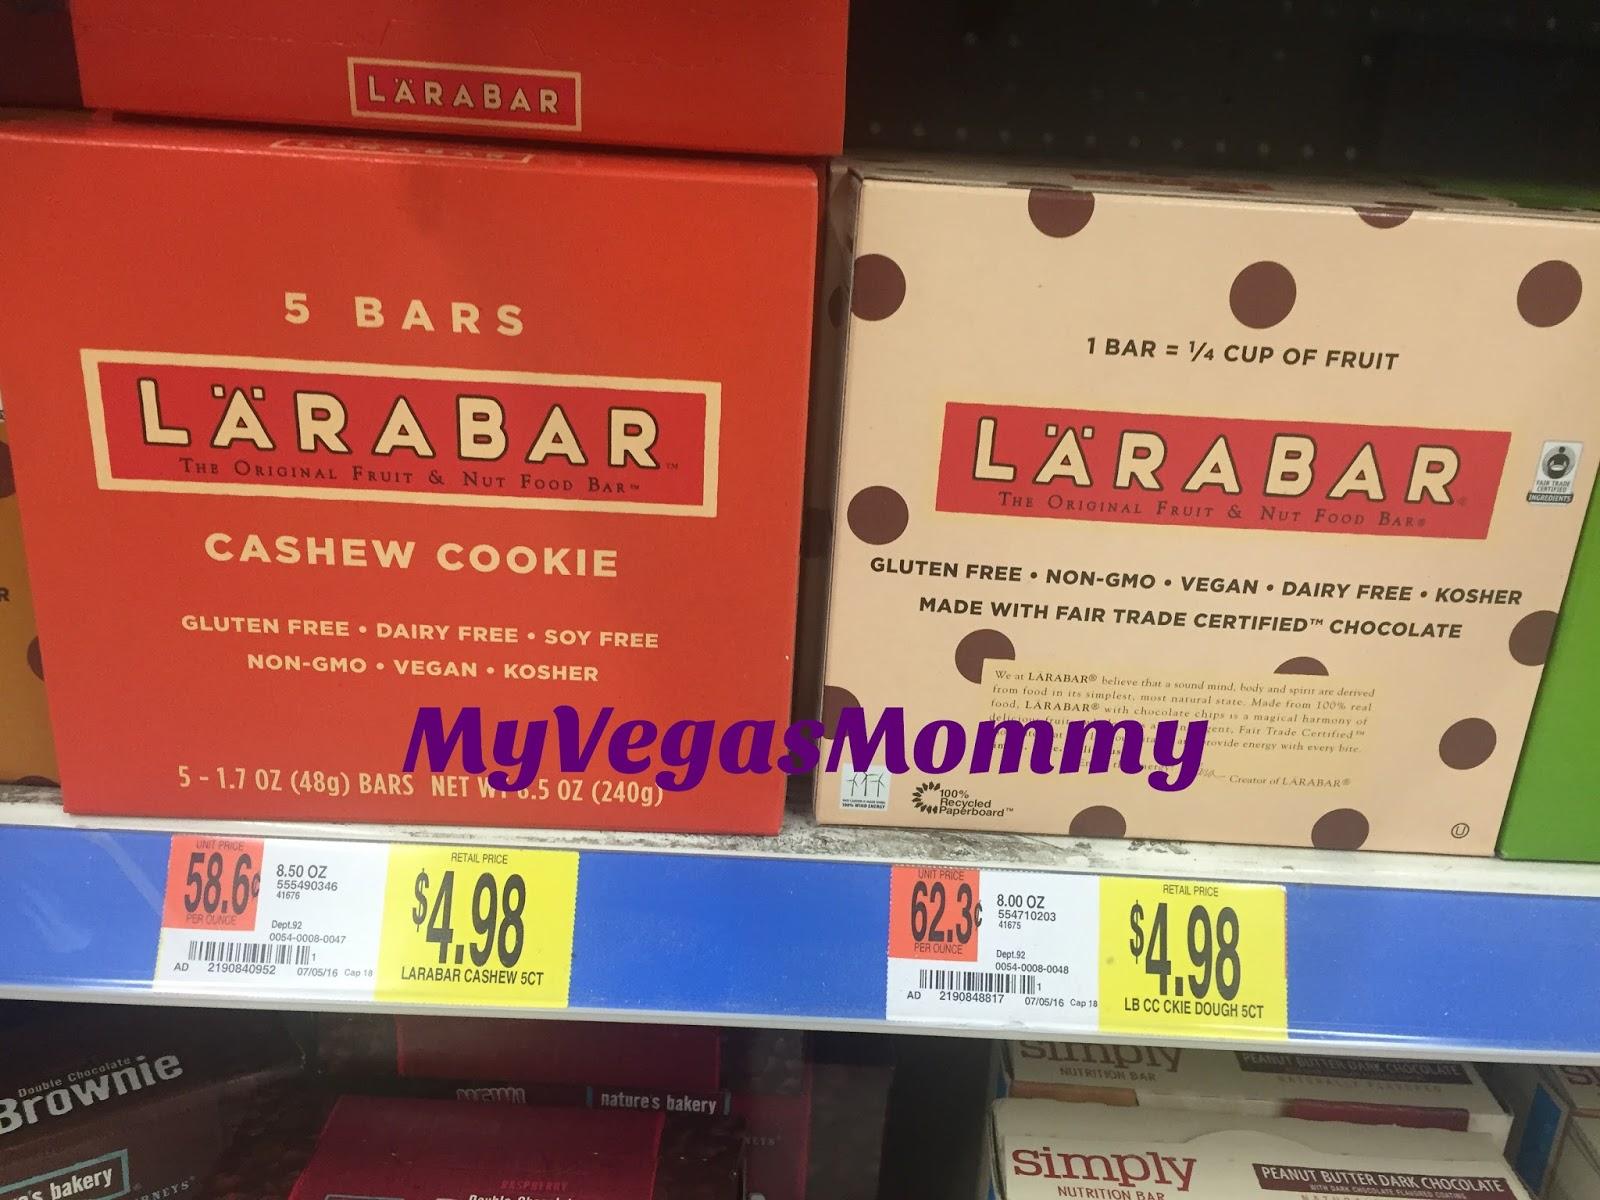 My Vegas Mommy: 2016-09-11